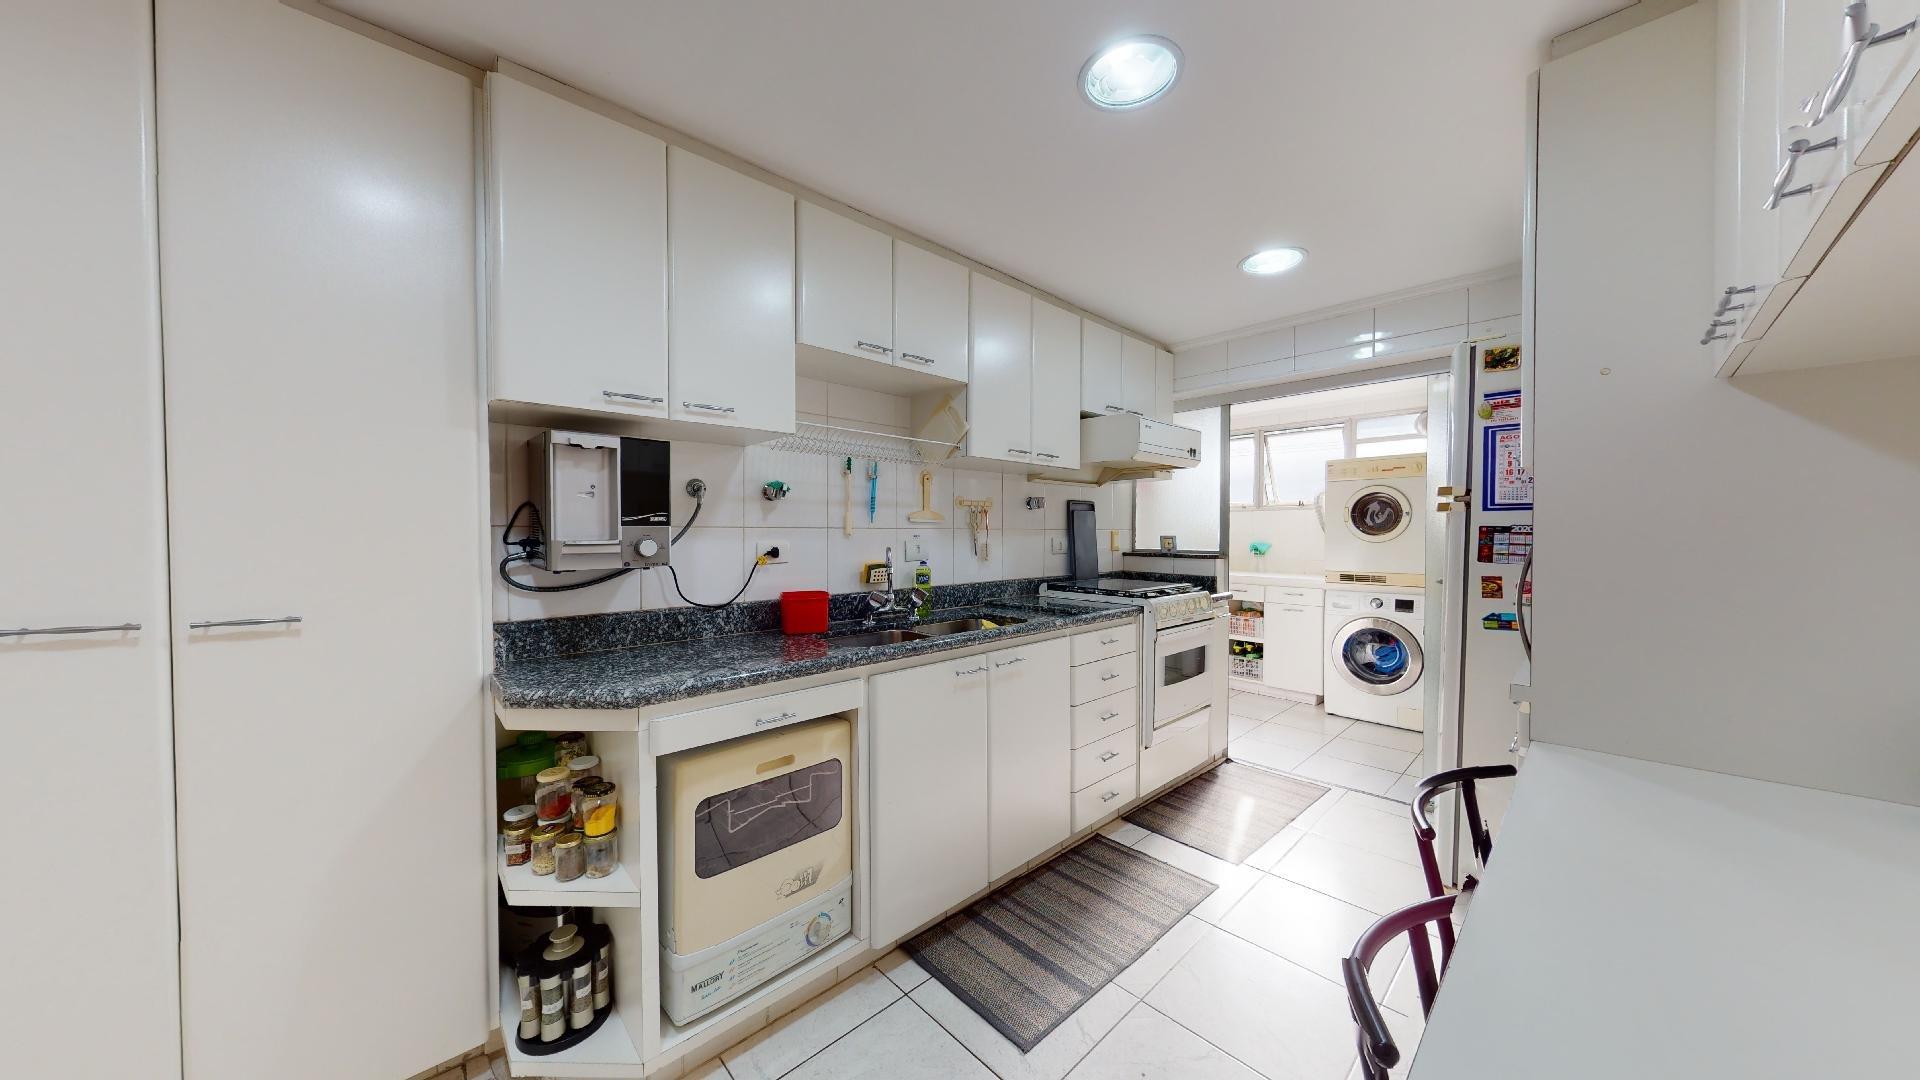 Foto de Cozinha com forno, cadeira, xícara